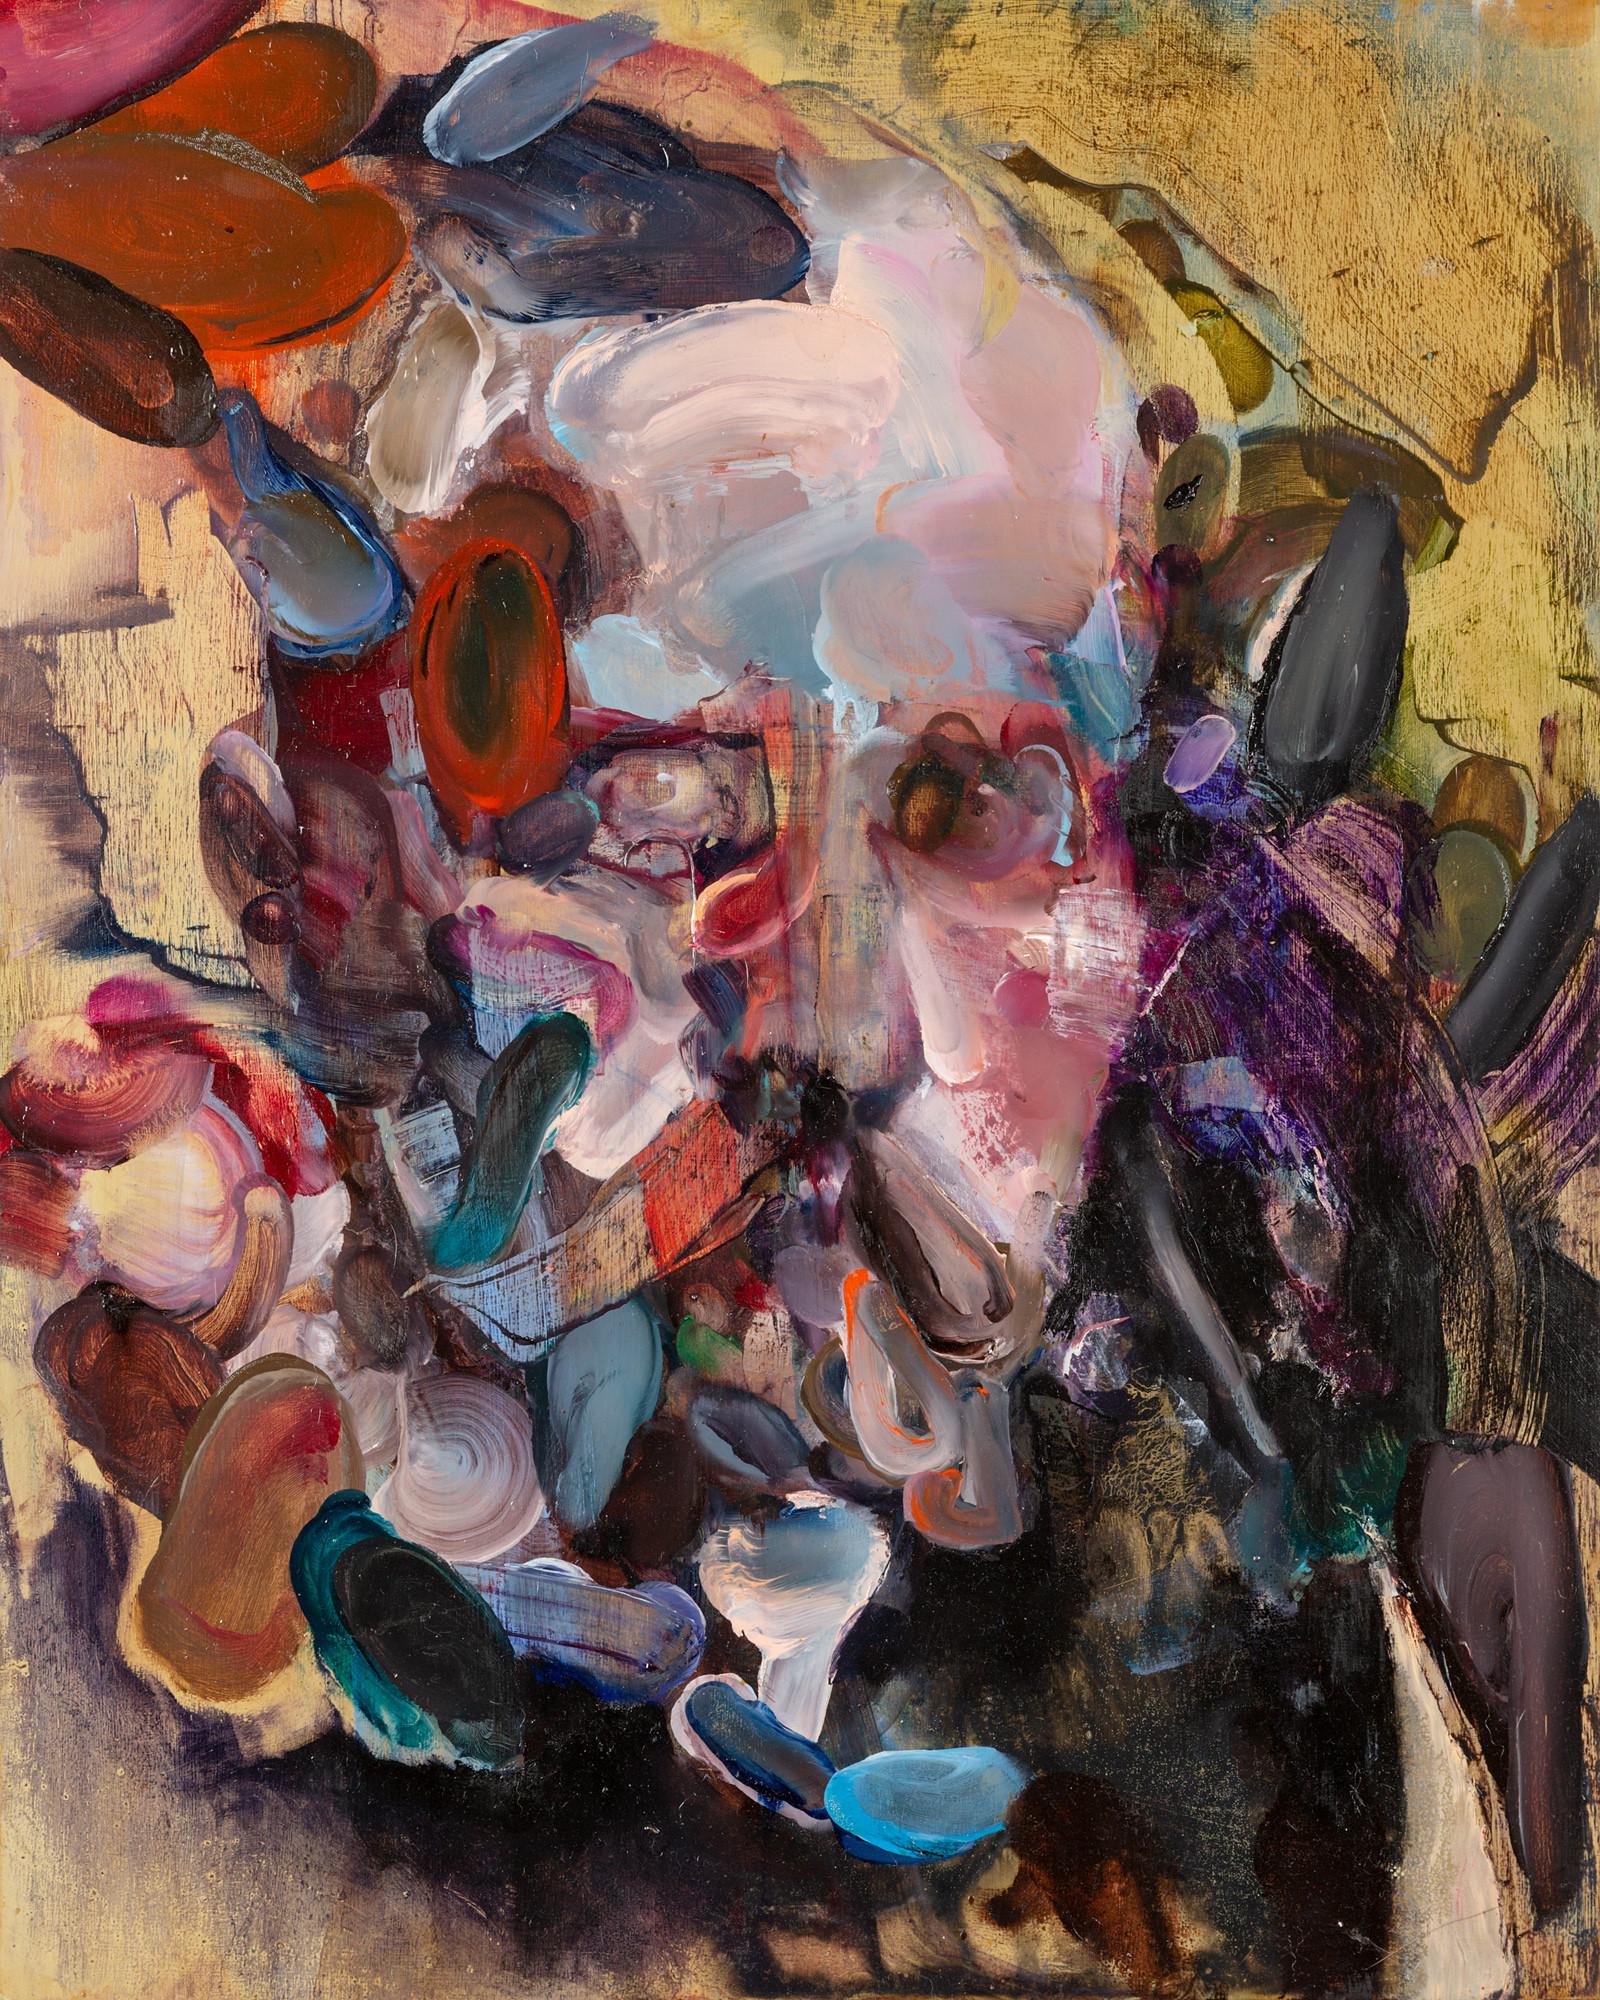 Aspar, 50 x 40 cm, oil on linen, 2016